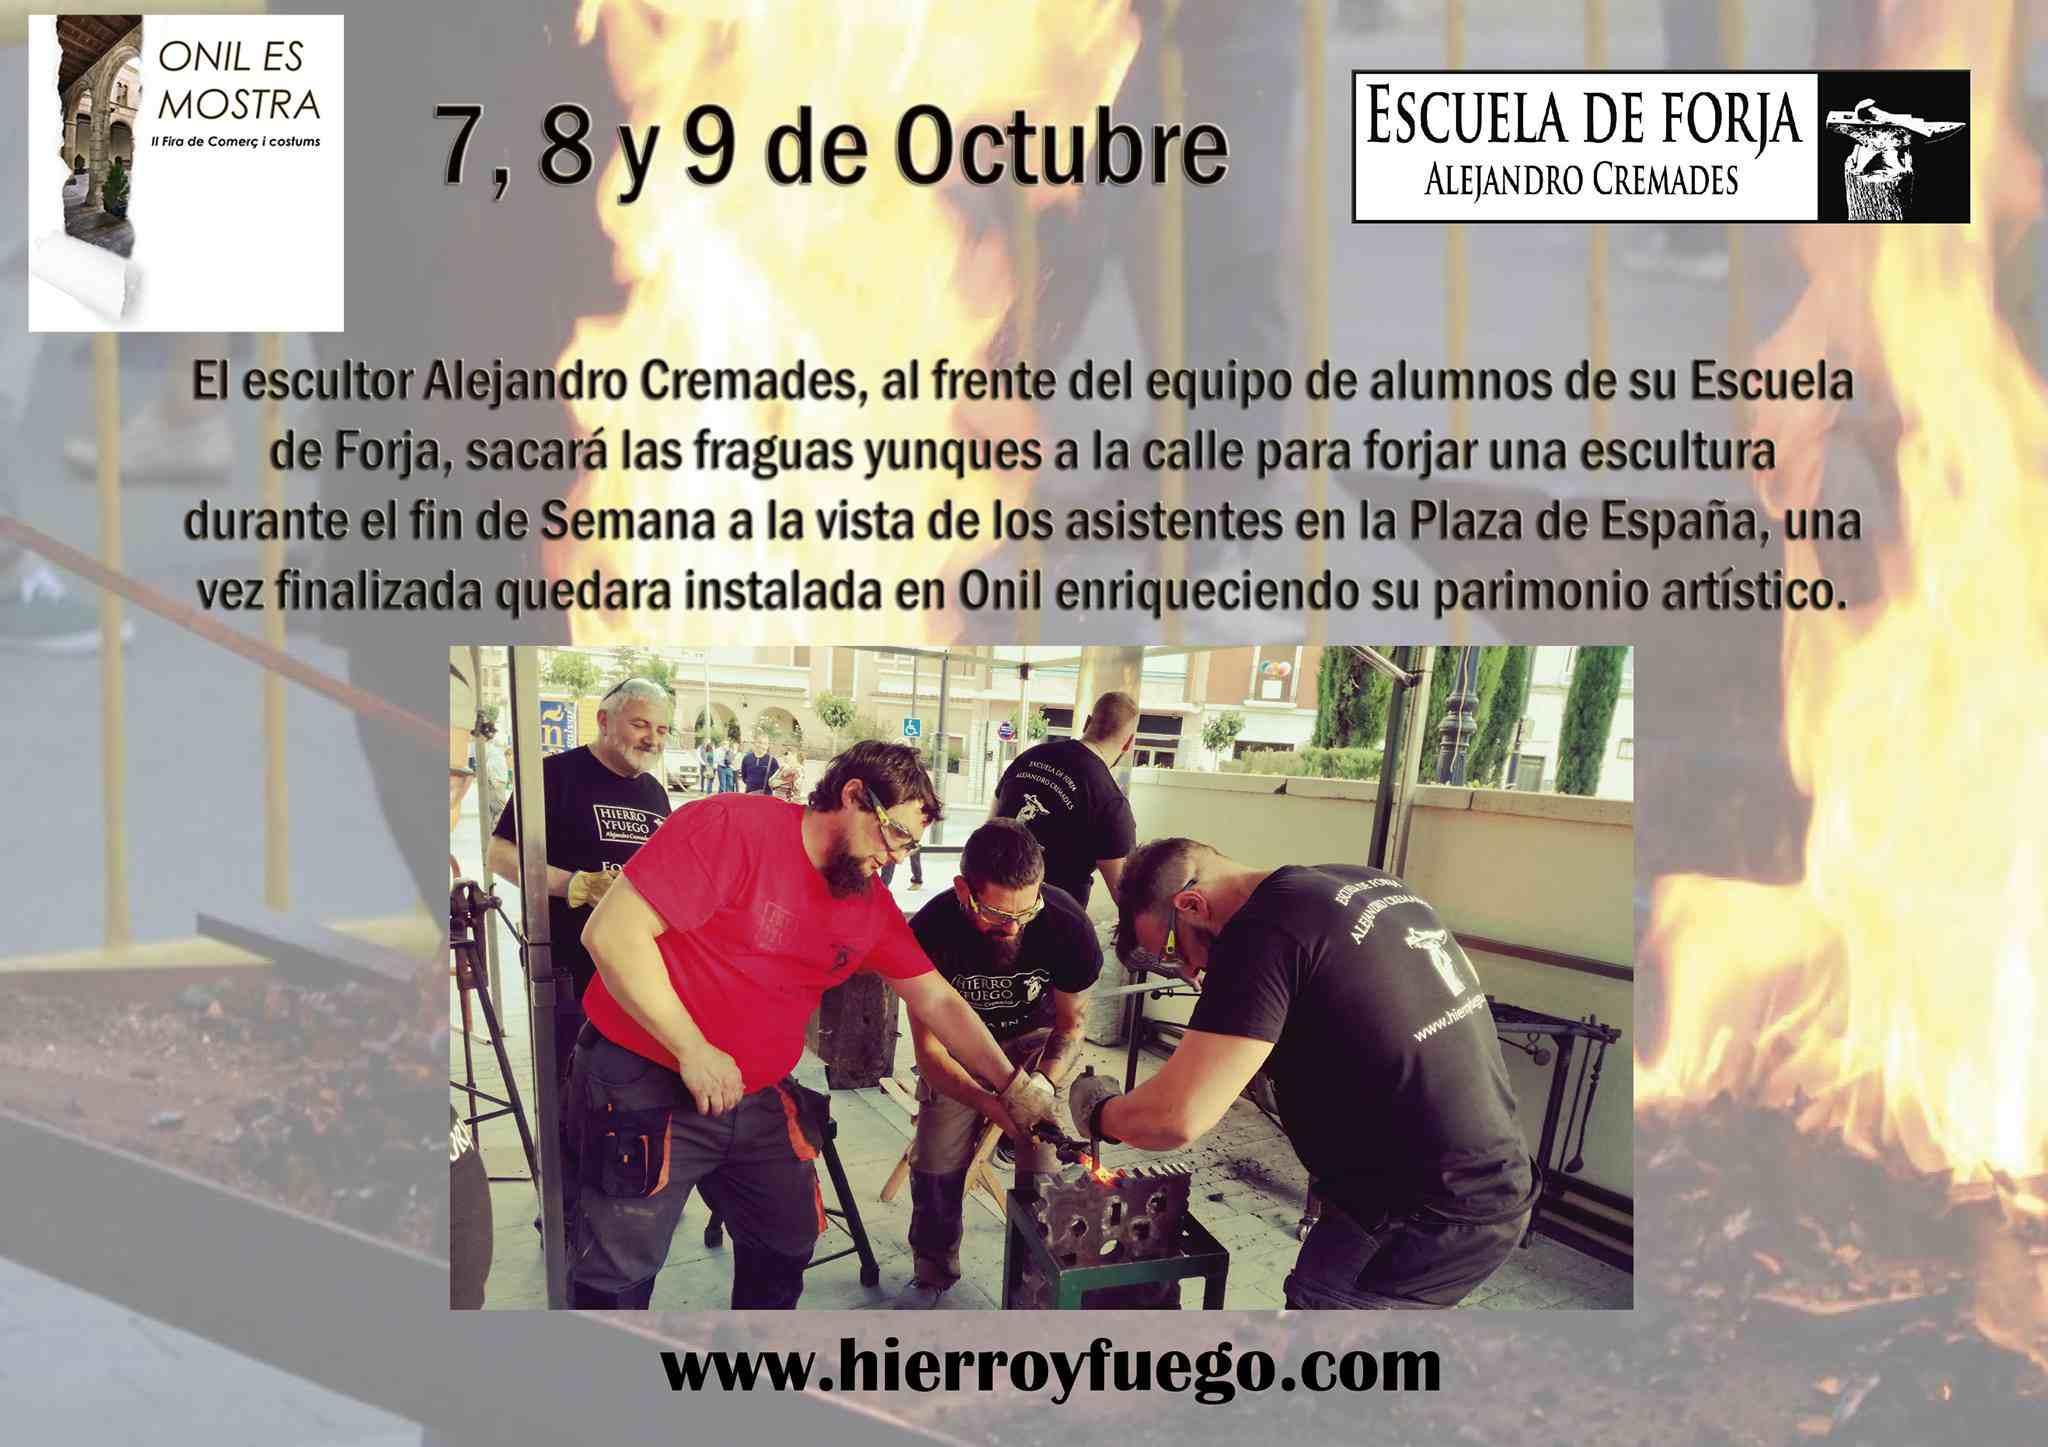 Alejandro Cremades, escultor i ambaixador de la Unesco, realitzarà una escultura de forja durant 'Onil es mostra'